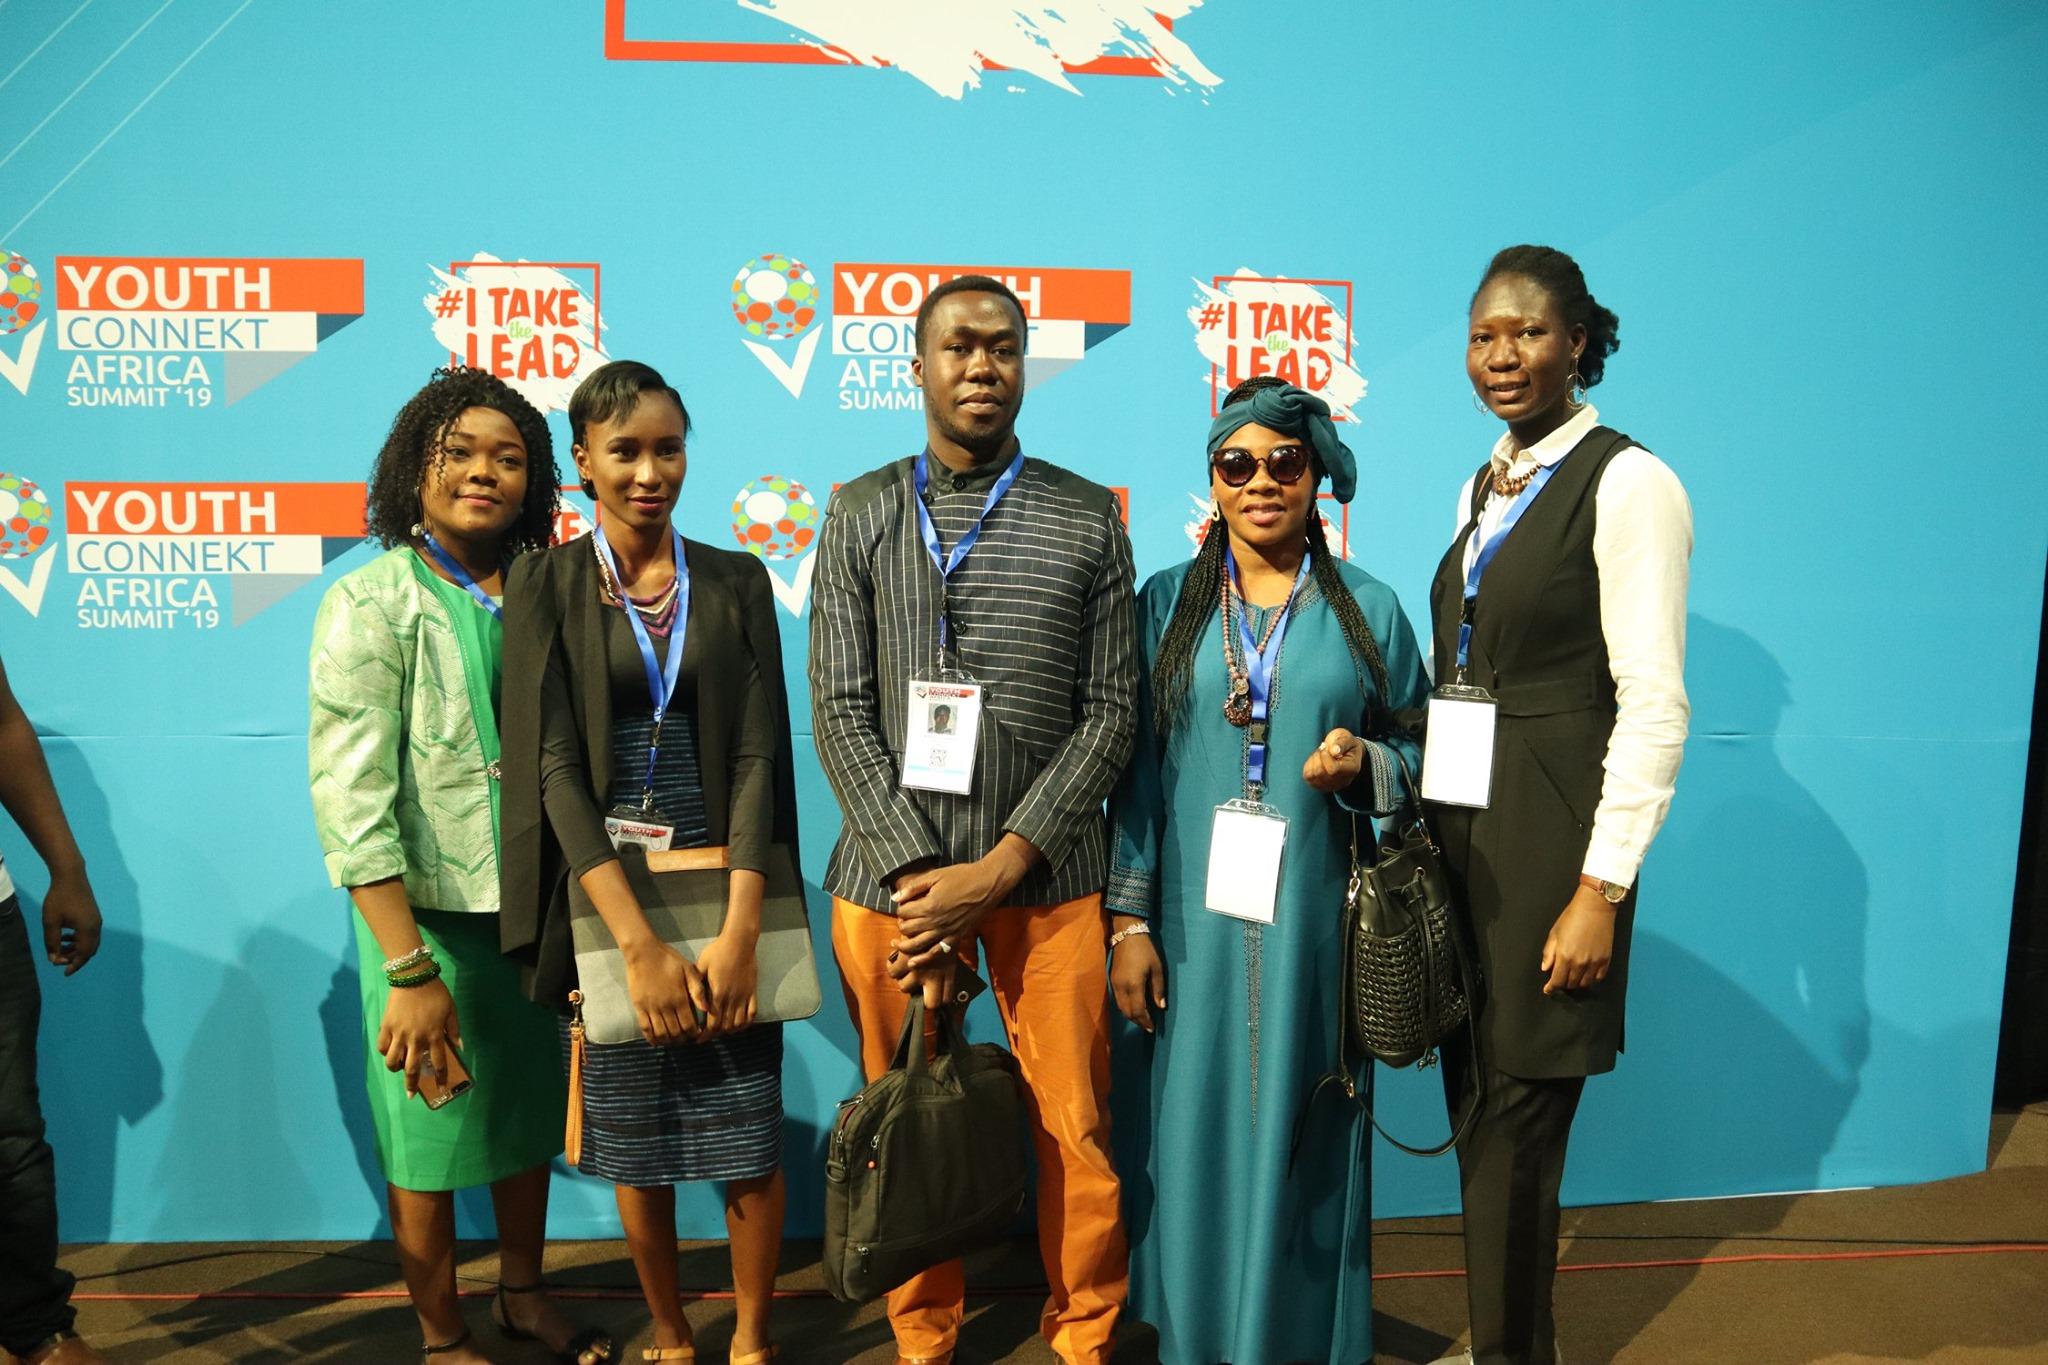 La CONFEJES participe à la 3e édition du YouthConnekt Africa à Kigali.